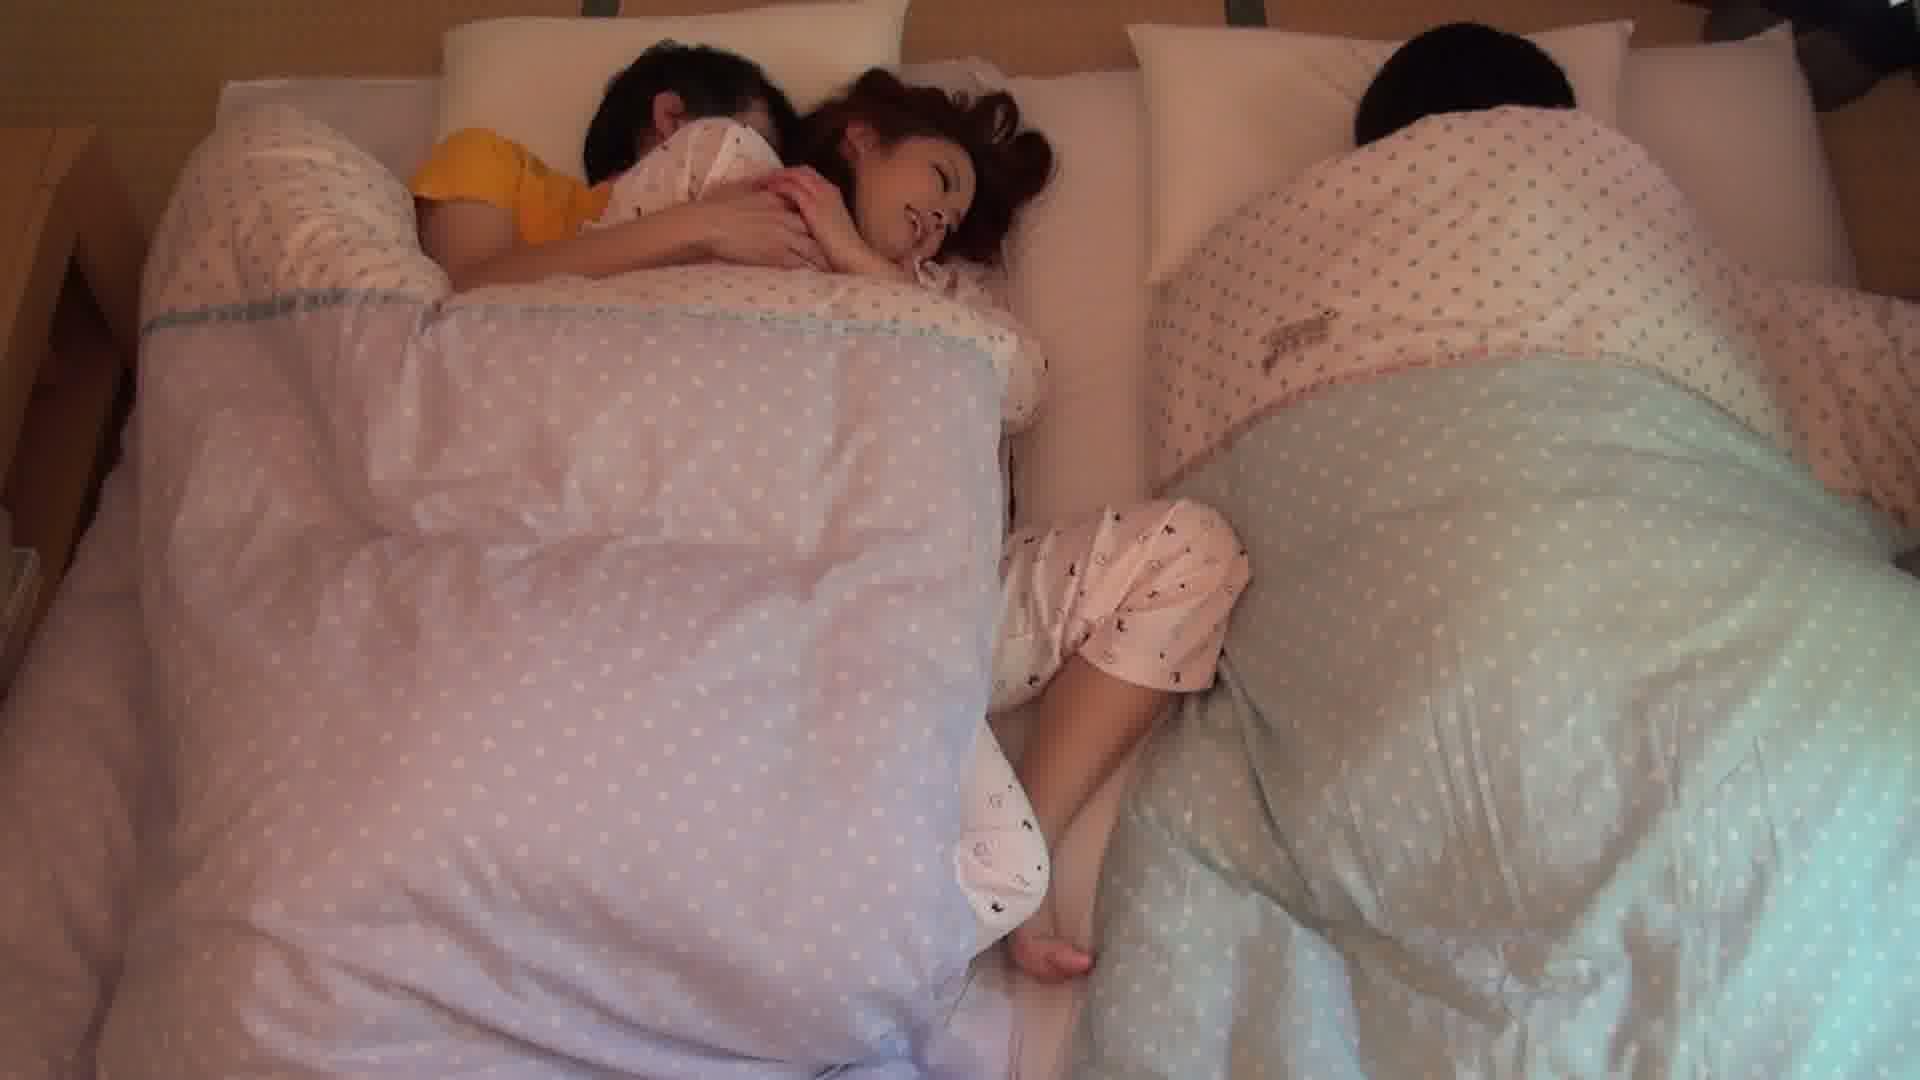 姉妹と川の字で寝ている姉をヤったら喘ぎ声に発情しオナニーする妹 前編中山ゆめみ<br /> 琥珀うた